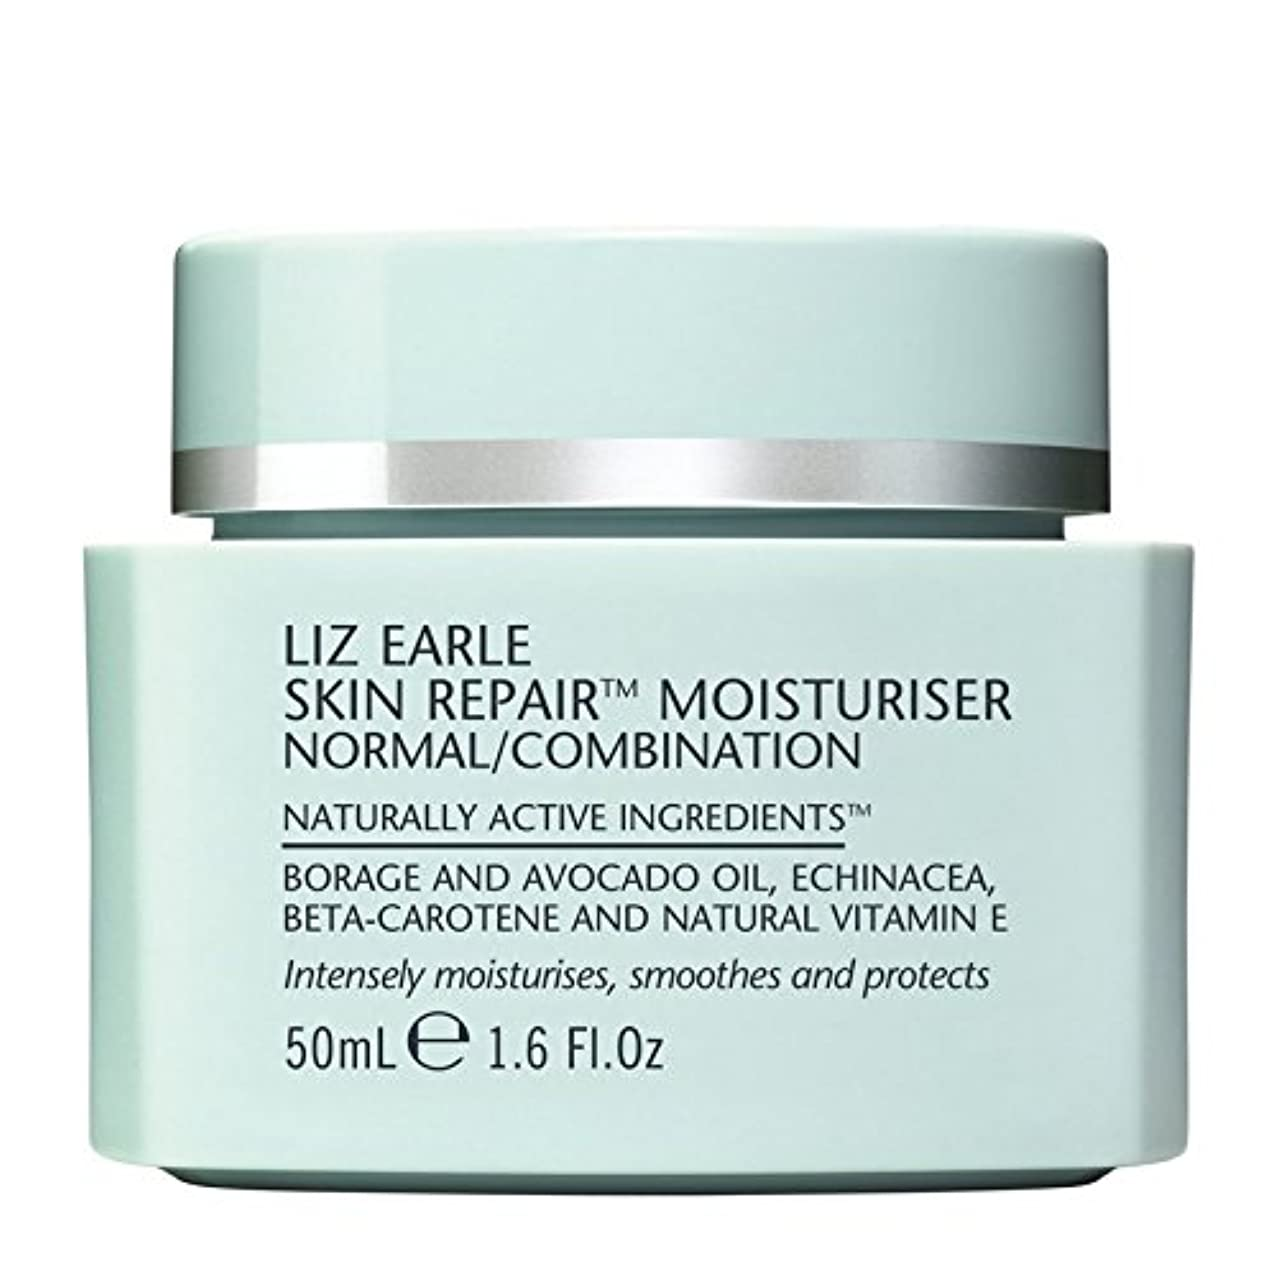 アレルギー贈り物物思いにふけるリズアールスキンリペアモイスチャライザーノーマル/コンビネーション50ミリリットル x2 - Liz Earle Skin Repair Moisturiser Normal/Combination 50ml (Pack of 2) [並行輸入品]